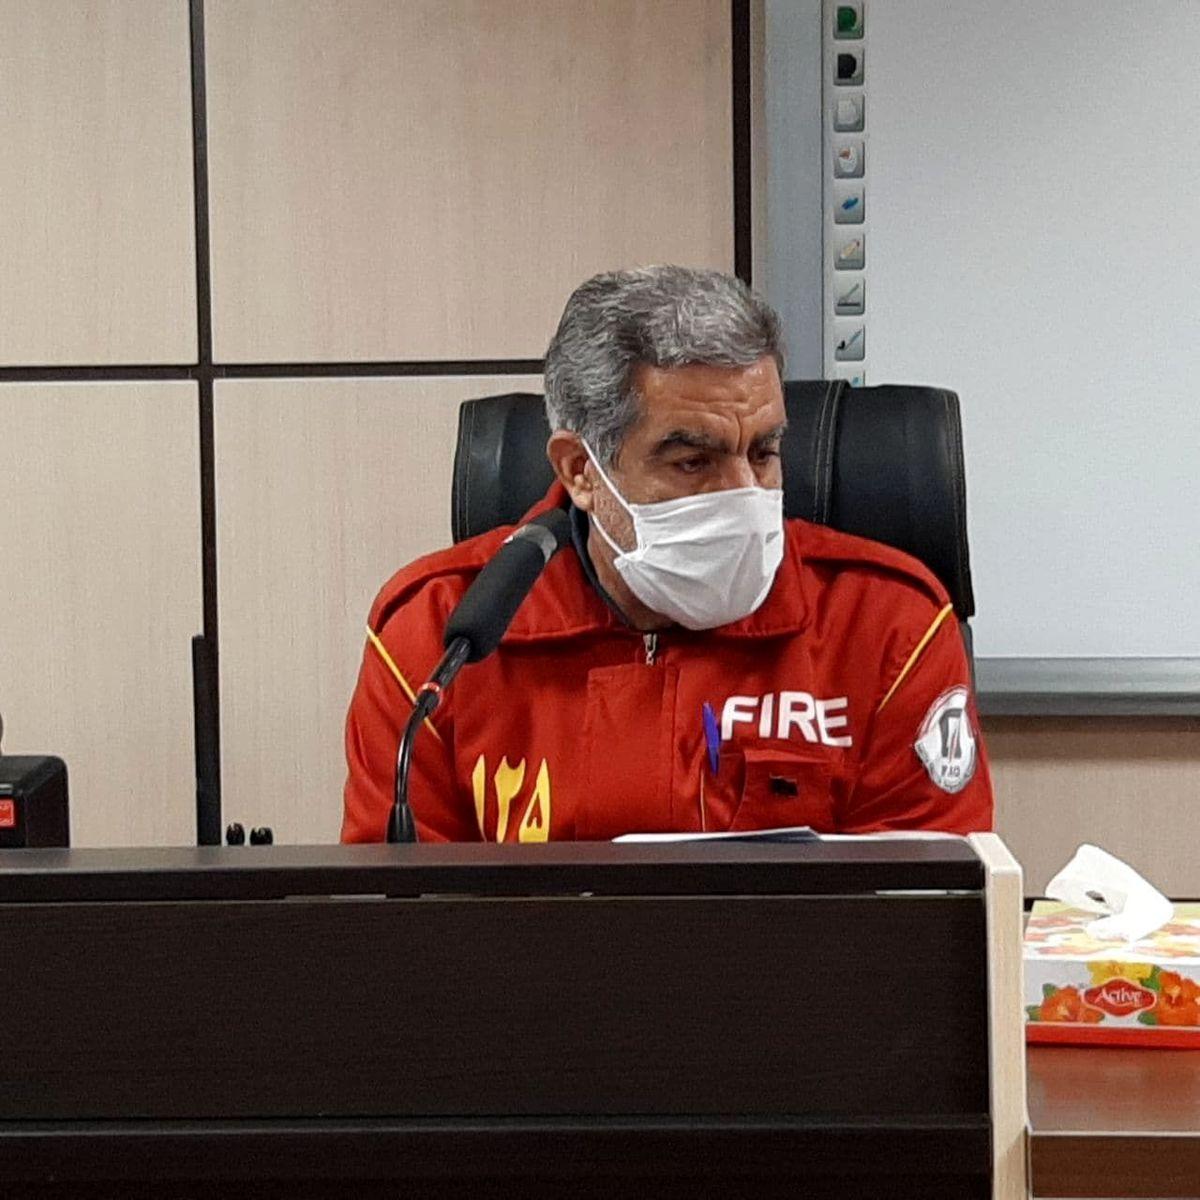 نجات جان و مال شهروندان مهم ترین وظیفه آتش نشانان است